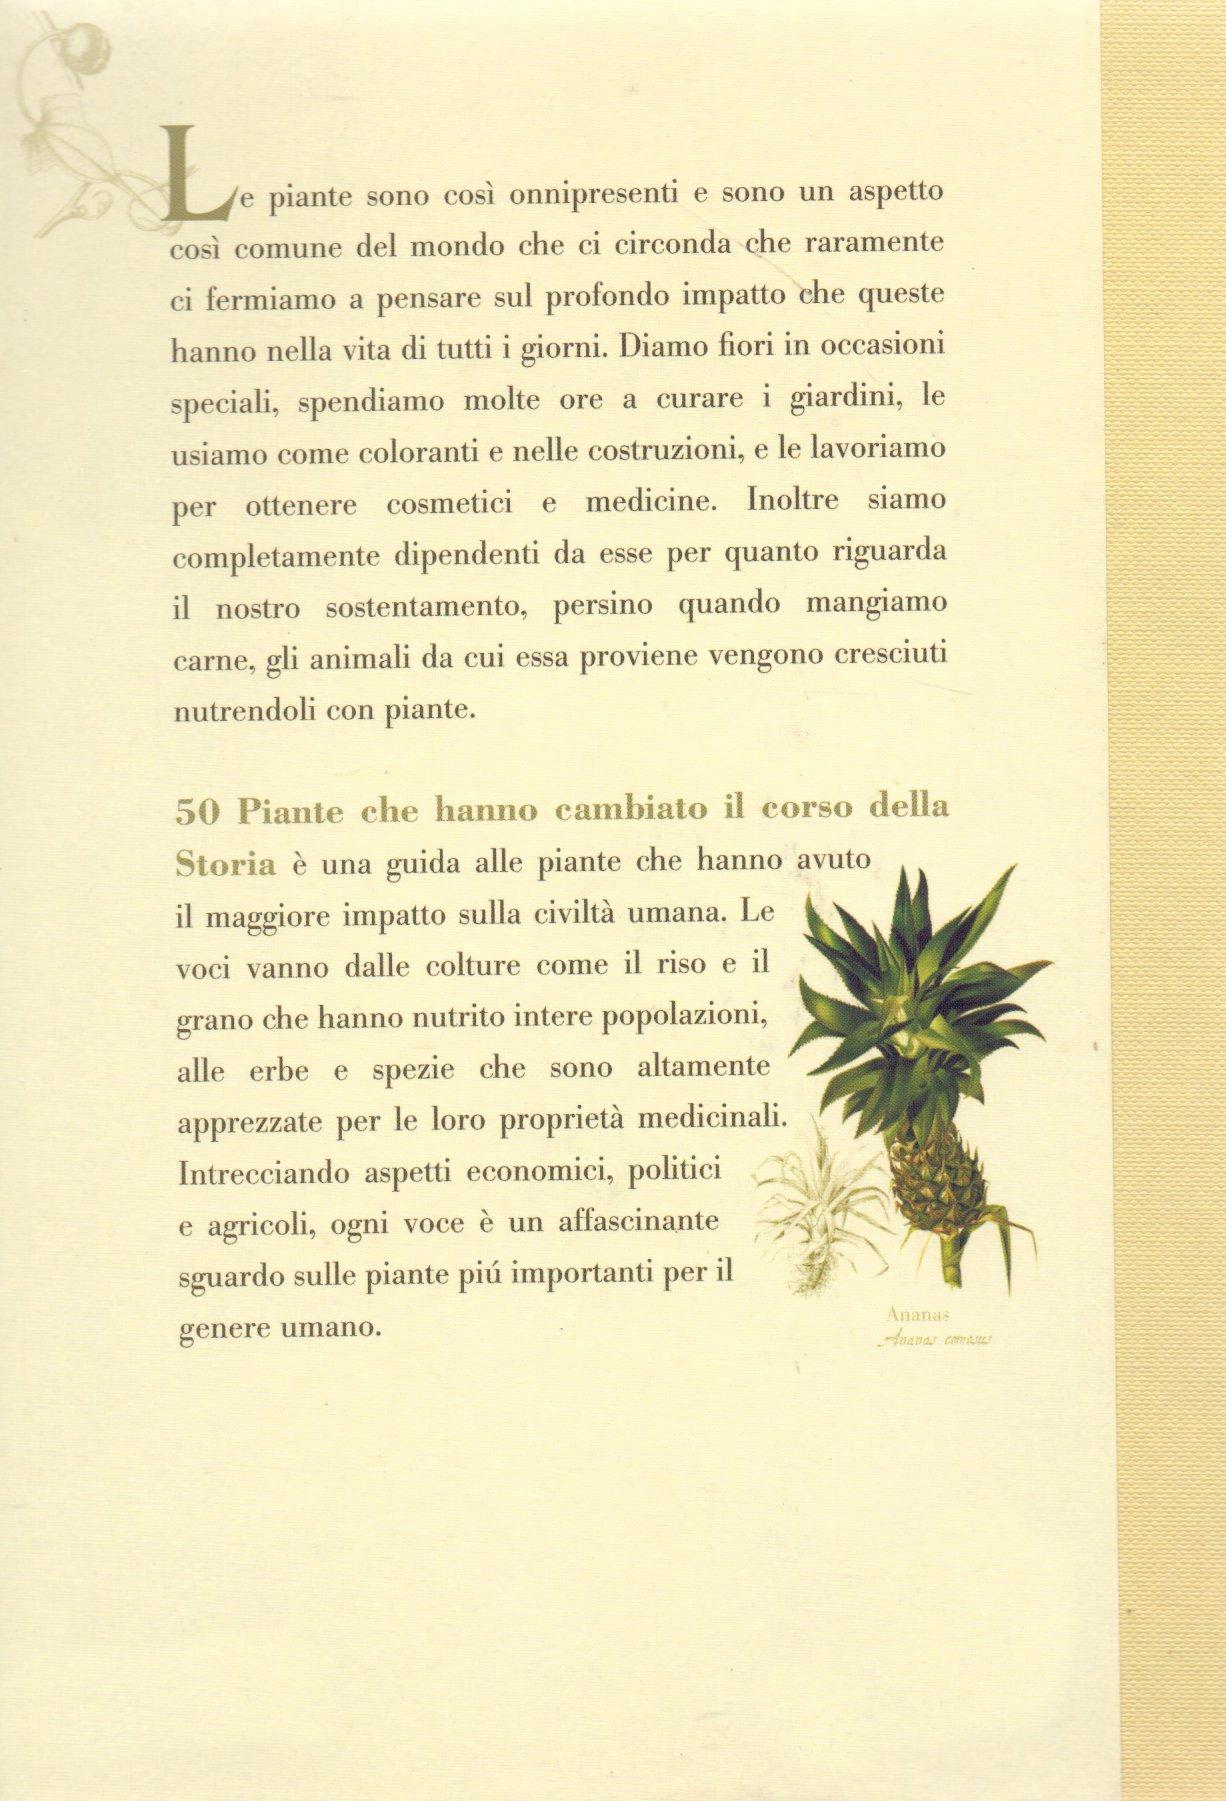 50 piante che hanno cambiato il corso della storia.